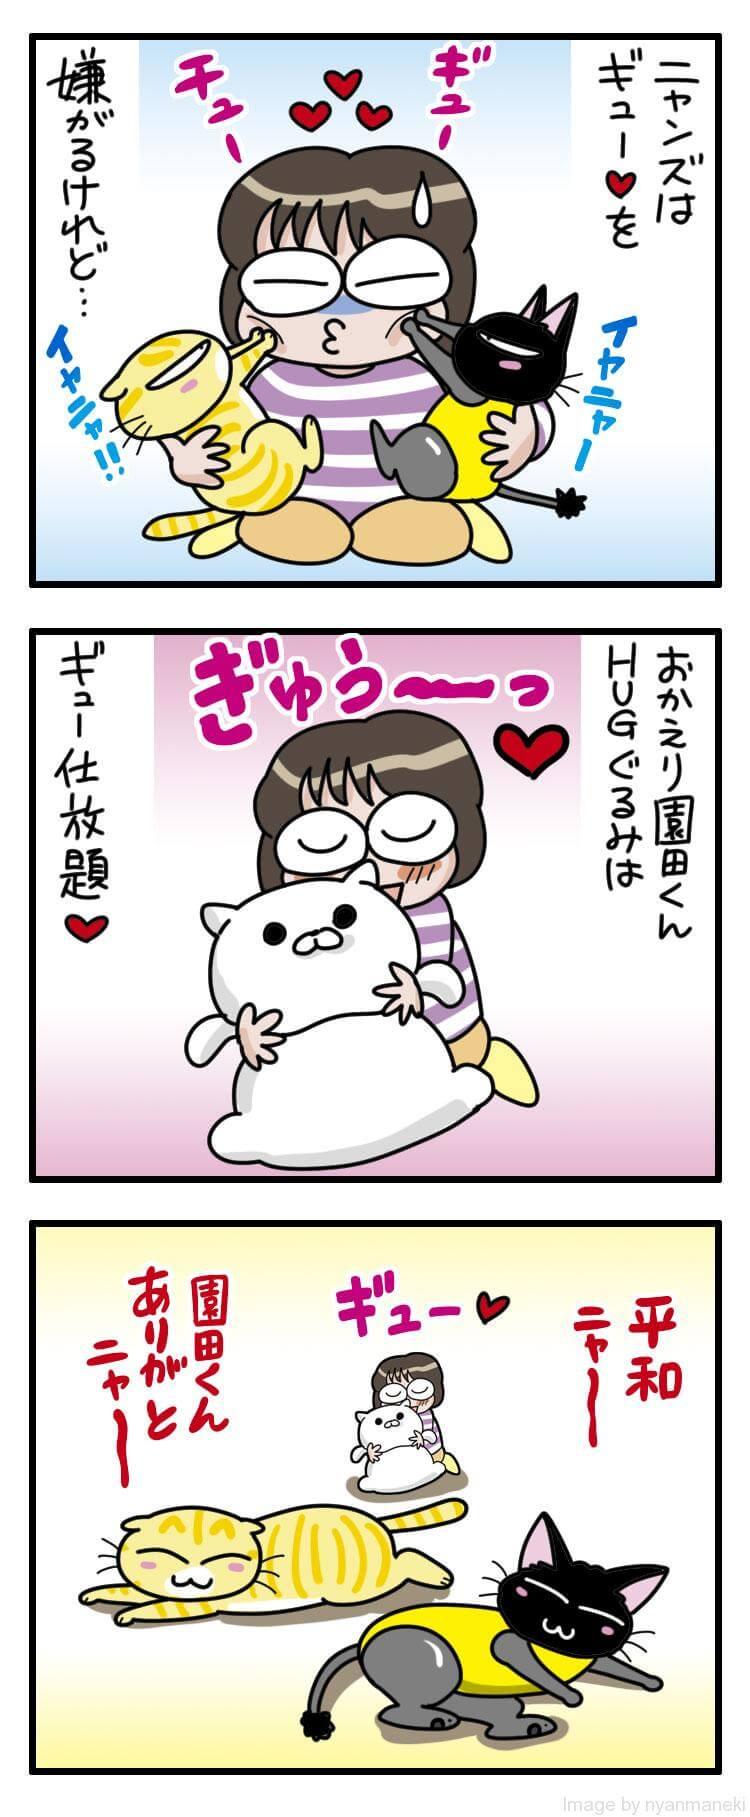 おかえり園田くん HUGぐるみ